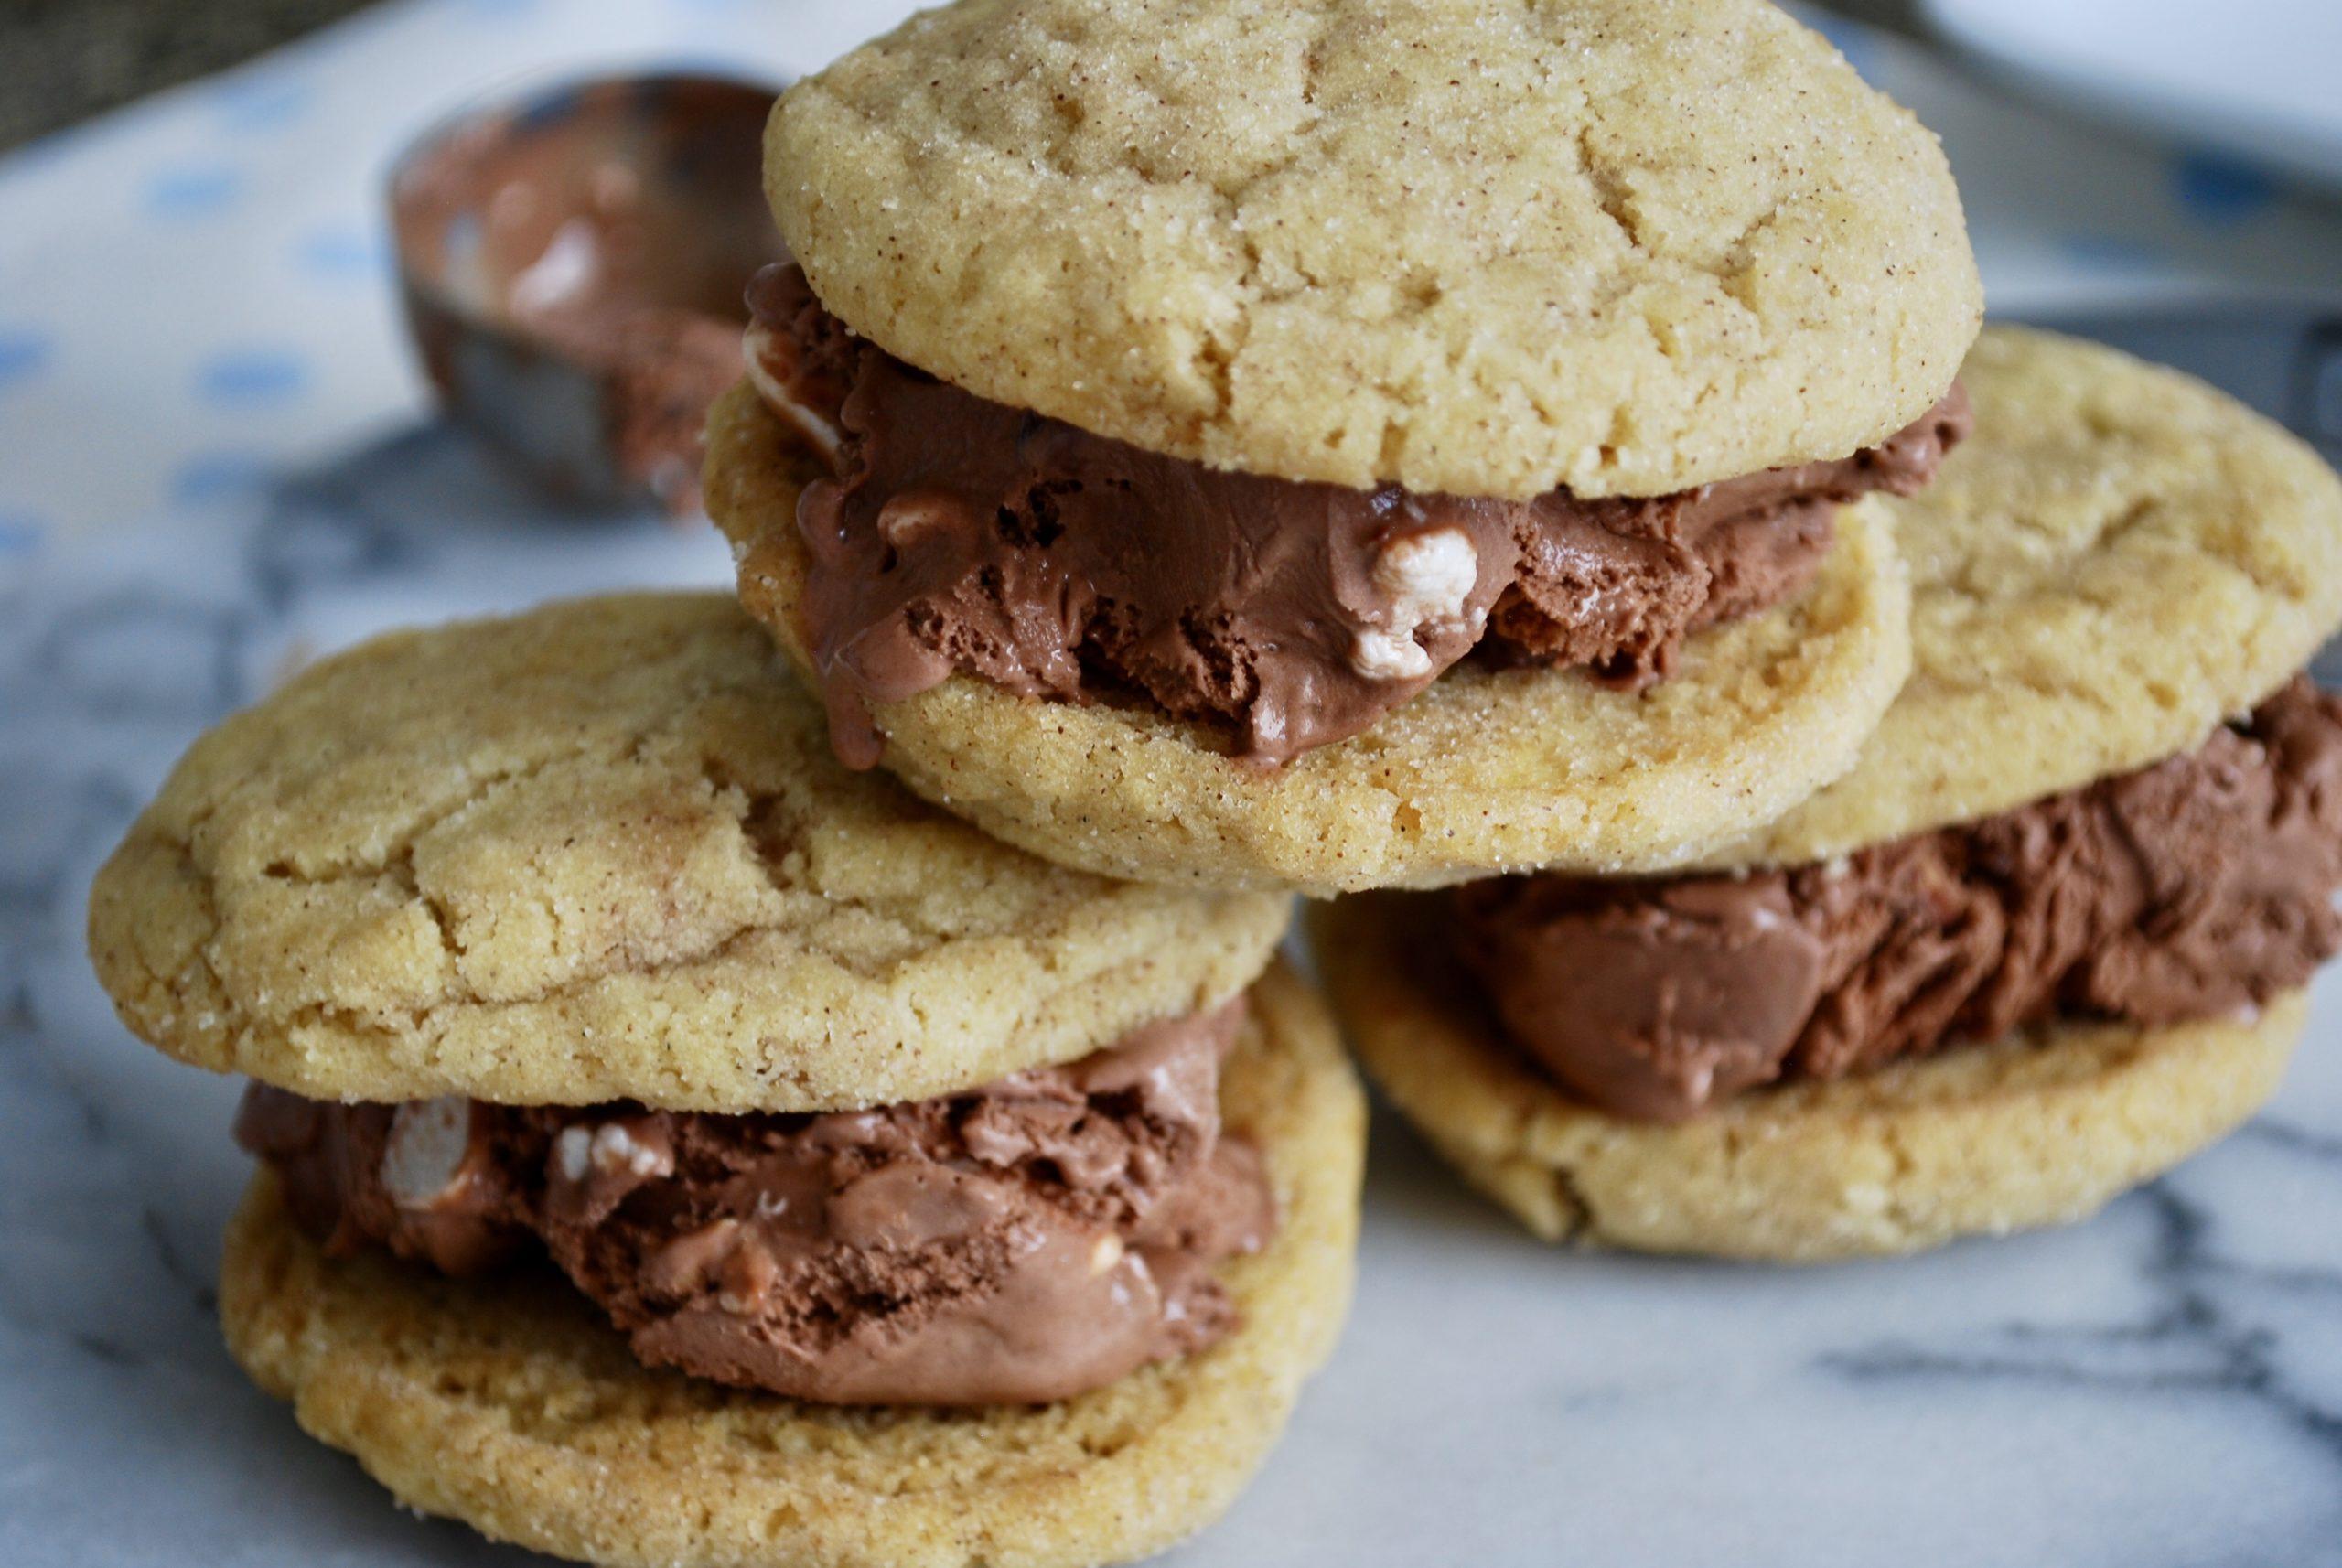 Gluten-Free Snickerdoodle Ice Cream Sandwiches